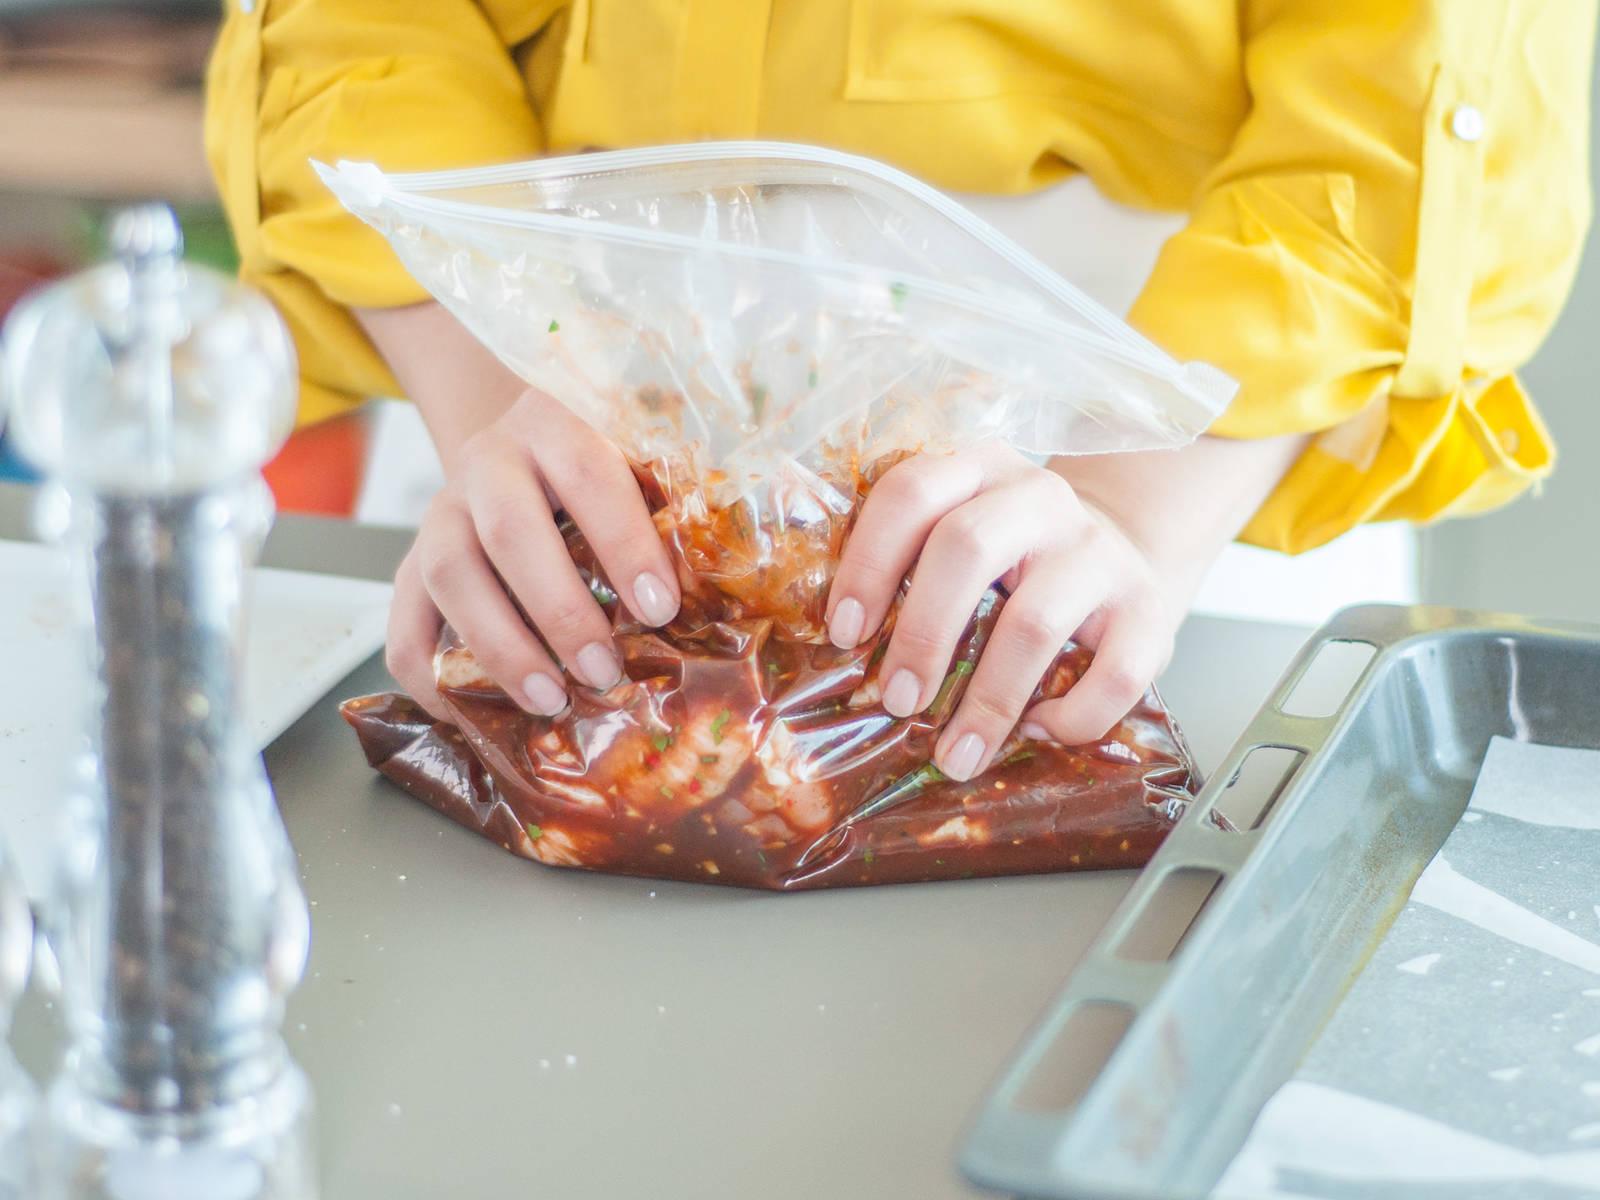 In einem großen Gefrierbeutel Knoblauch, Chili, Limettensaft- und abrieb, die Hälfte des Korianders, Olivenöl und Barbecuesoße mit den Hähnchenflügeln vermengen. Mit Salz, Pfeffer, Zucker und Paprikapulver würzen.